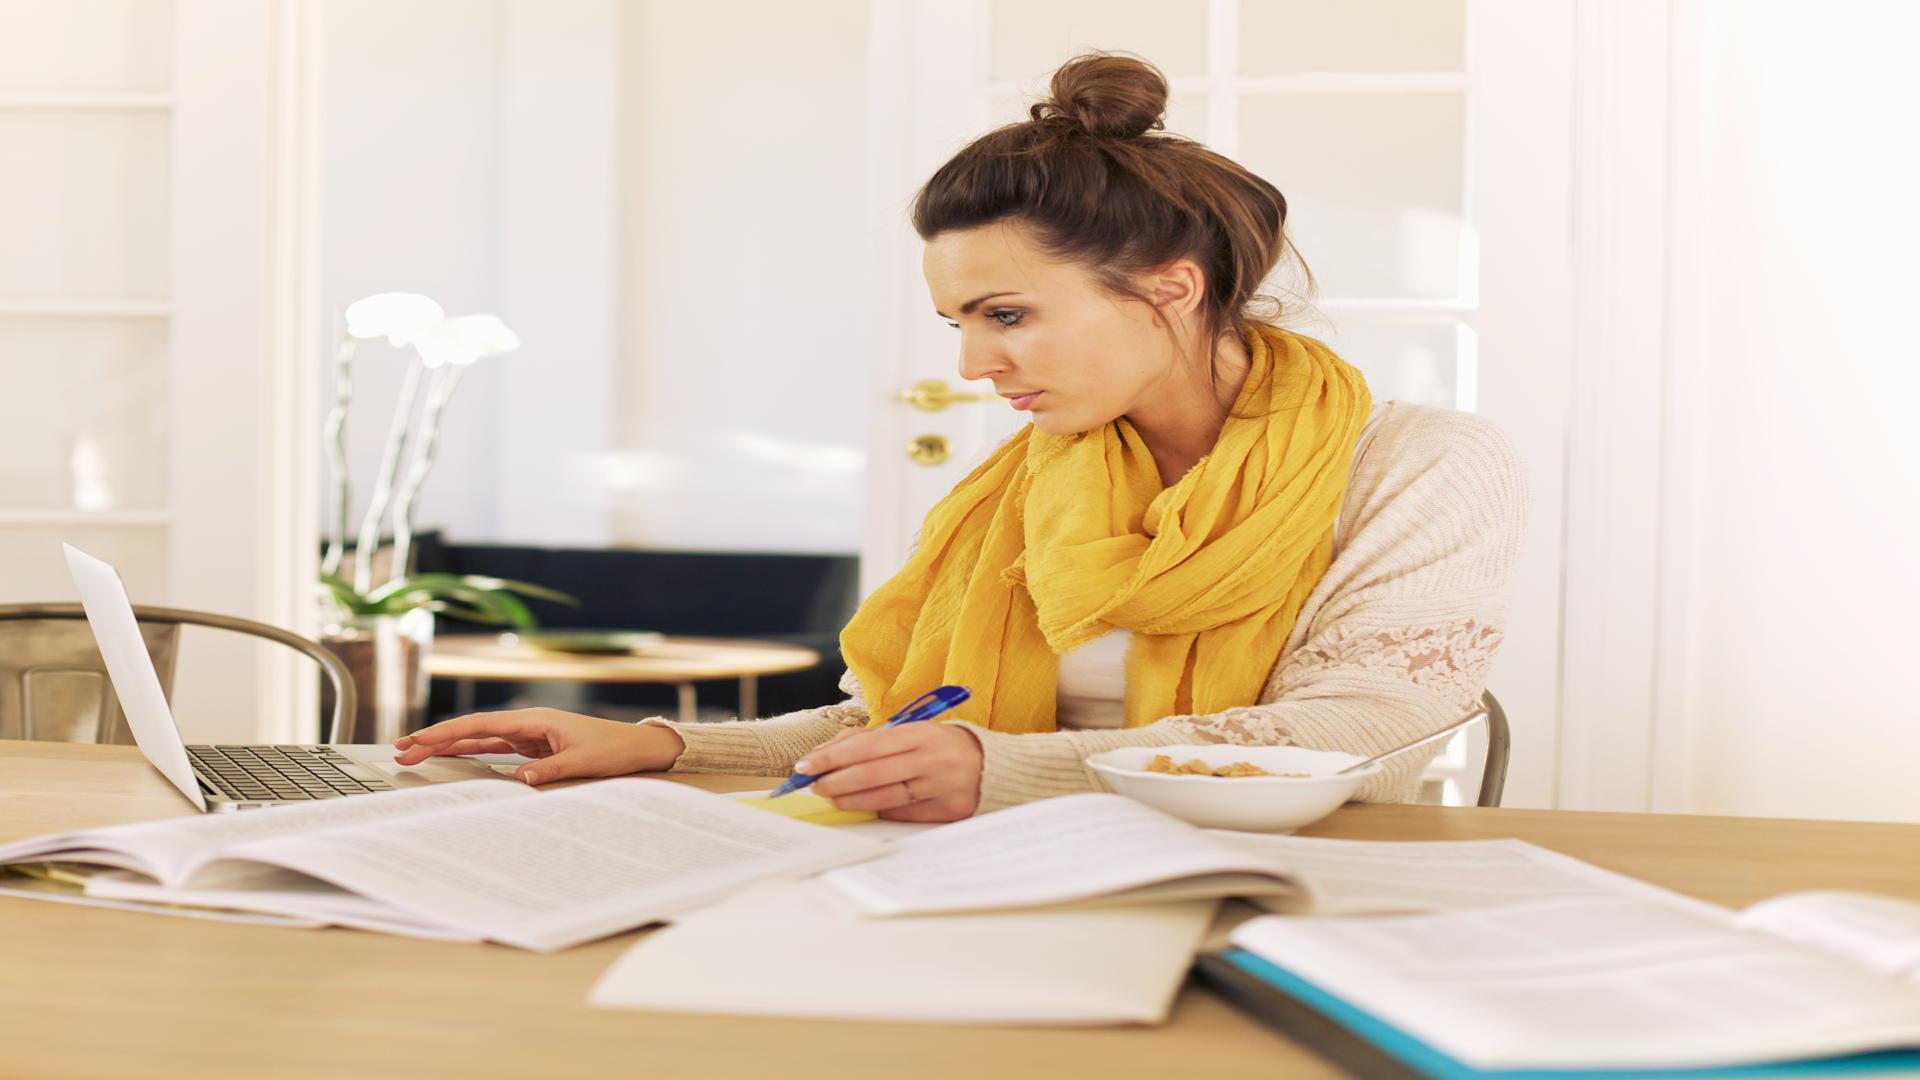 סטודנטית באמצע כתיבת סמינריון